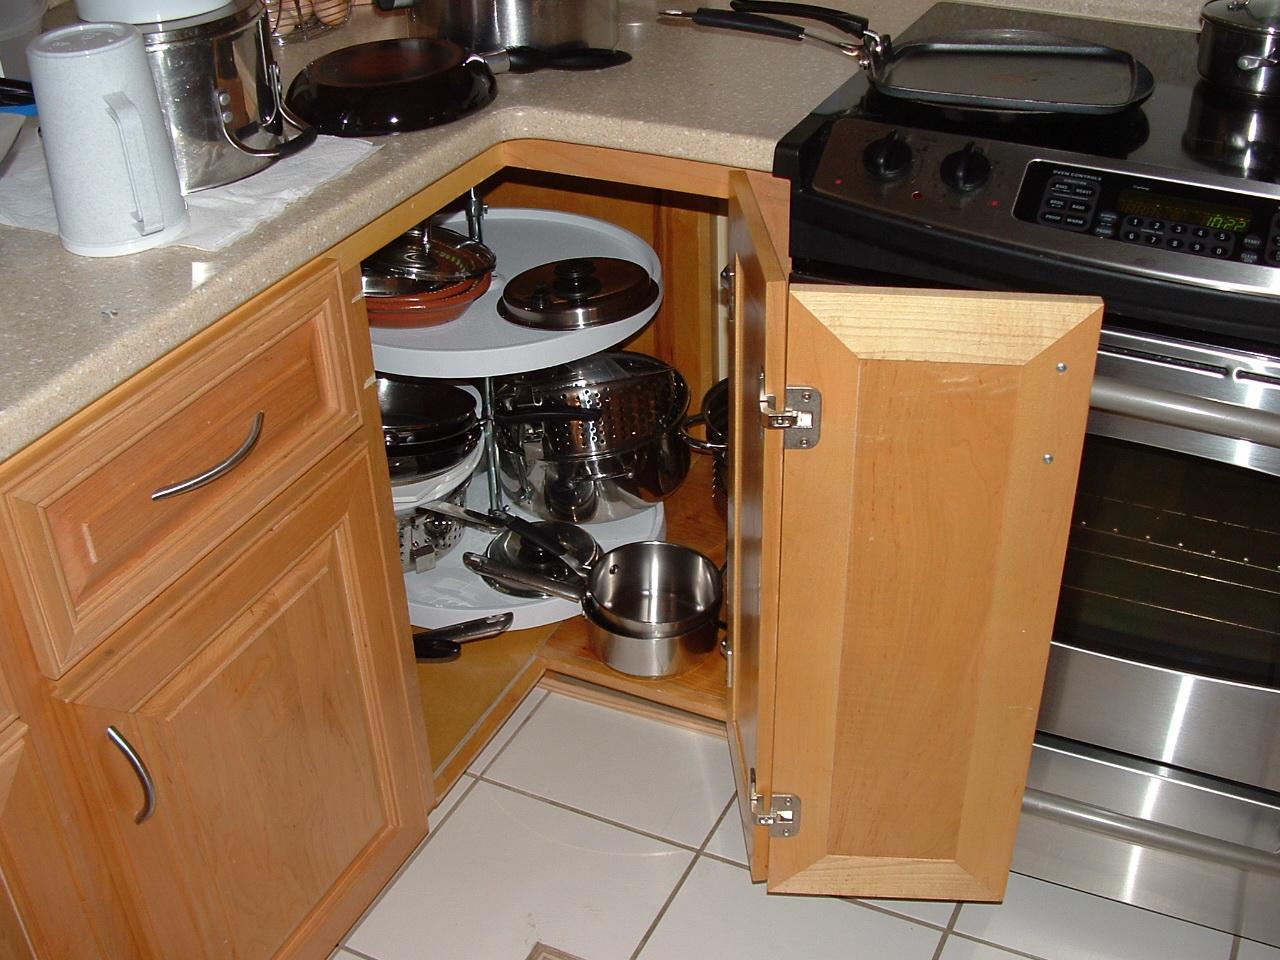 Under cabinet organizers kitchen photo - 1